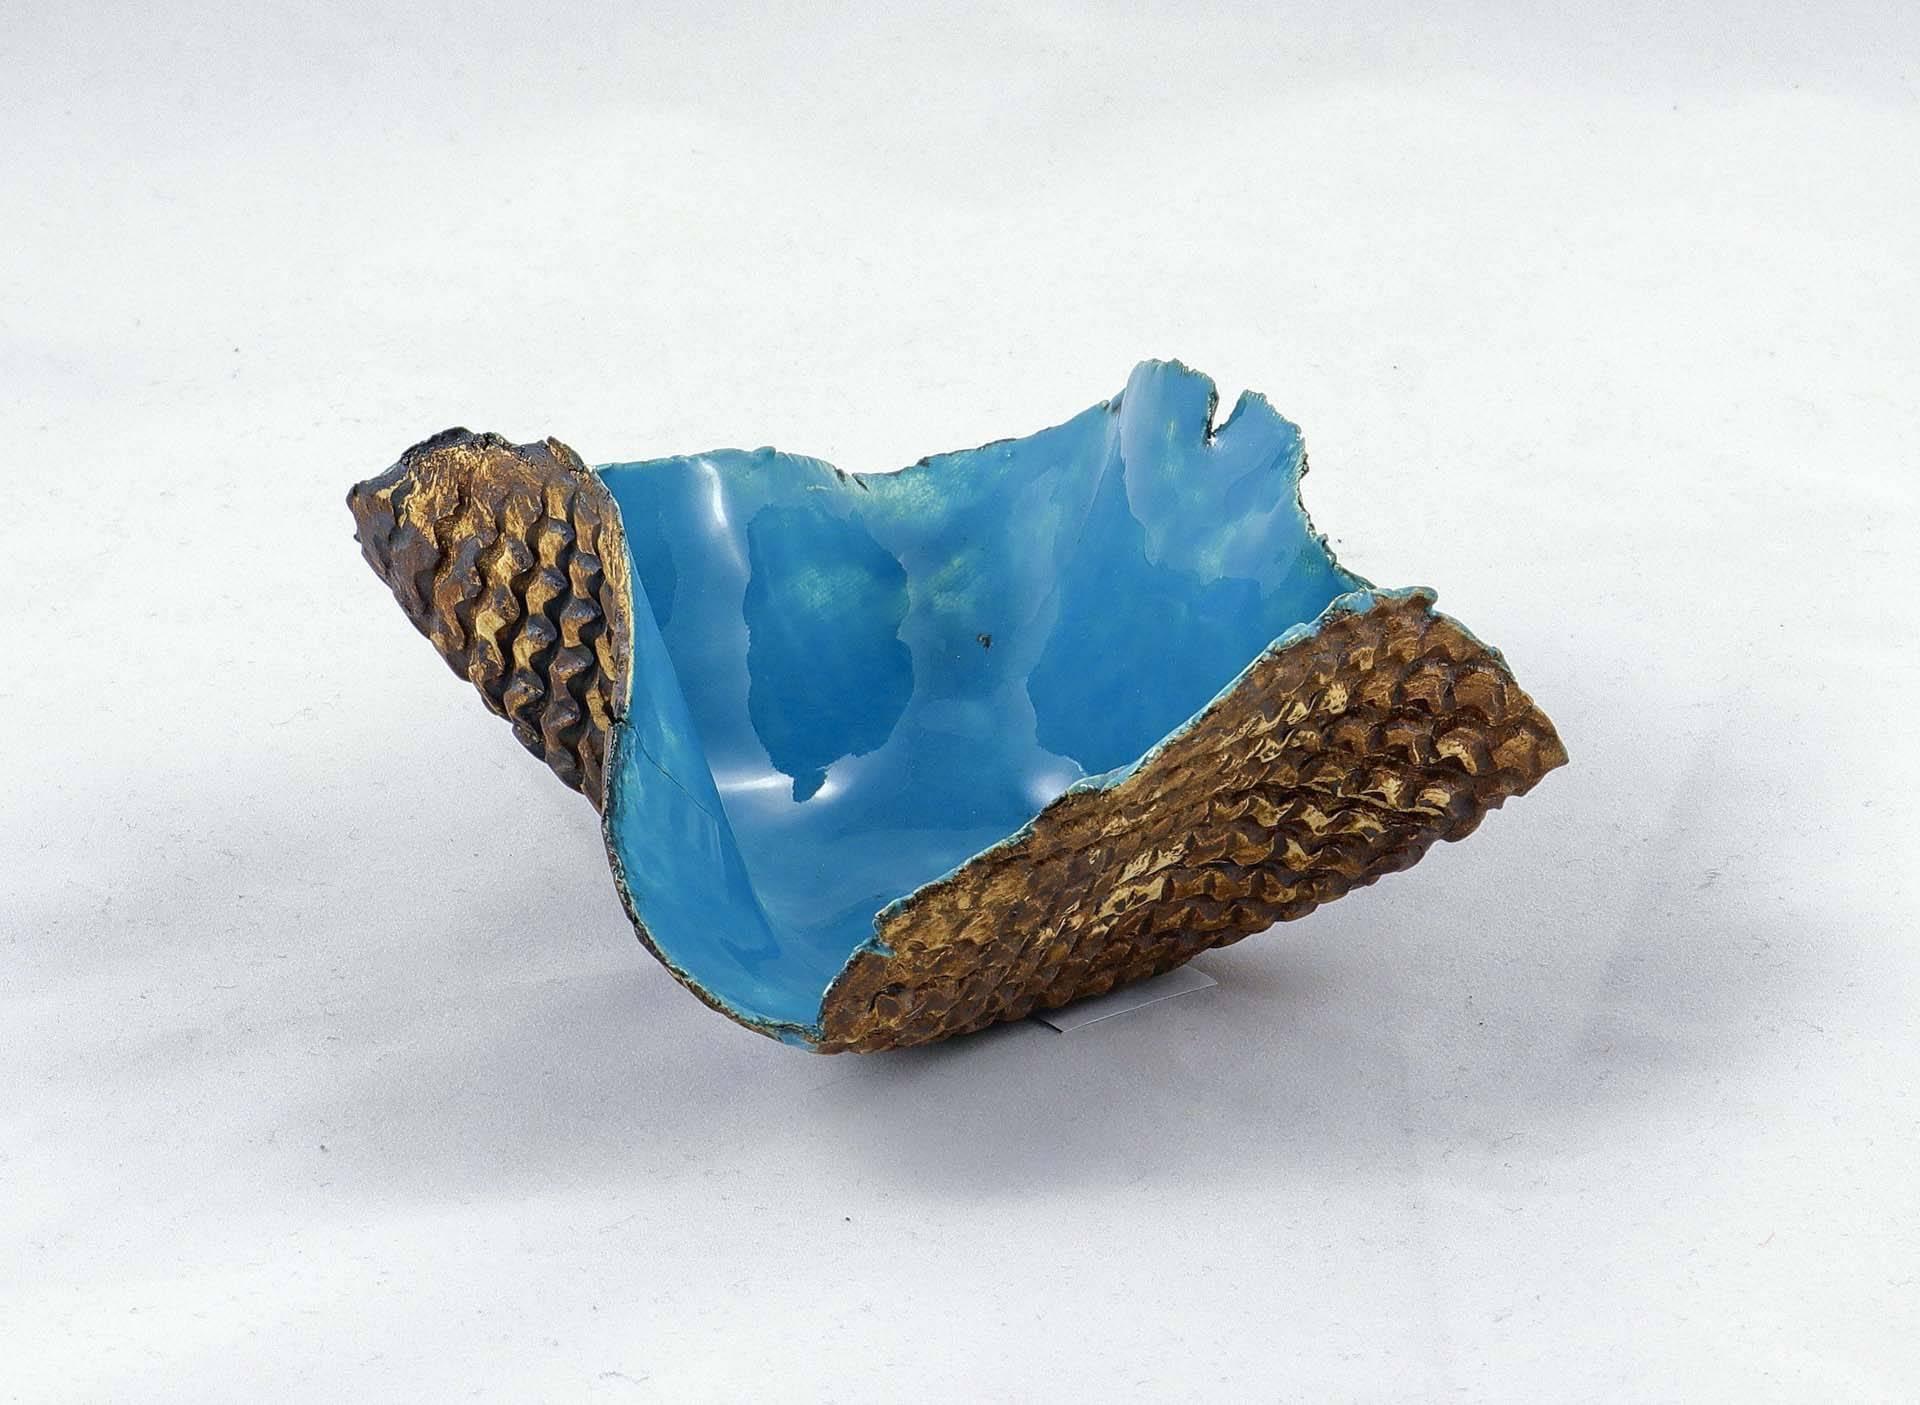 Petra Zobl Keramik - Schale aqua aussen Muster manganspinell 1